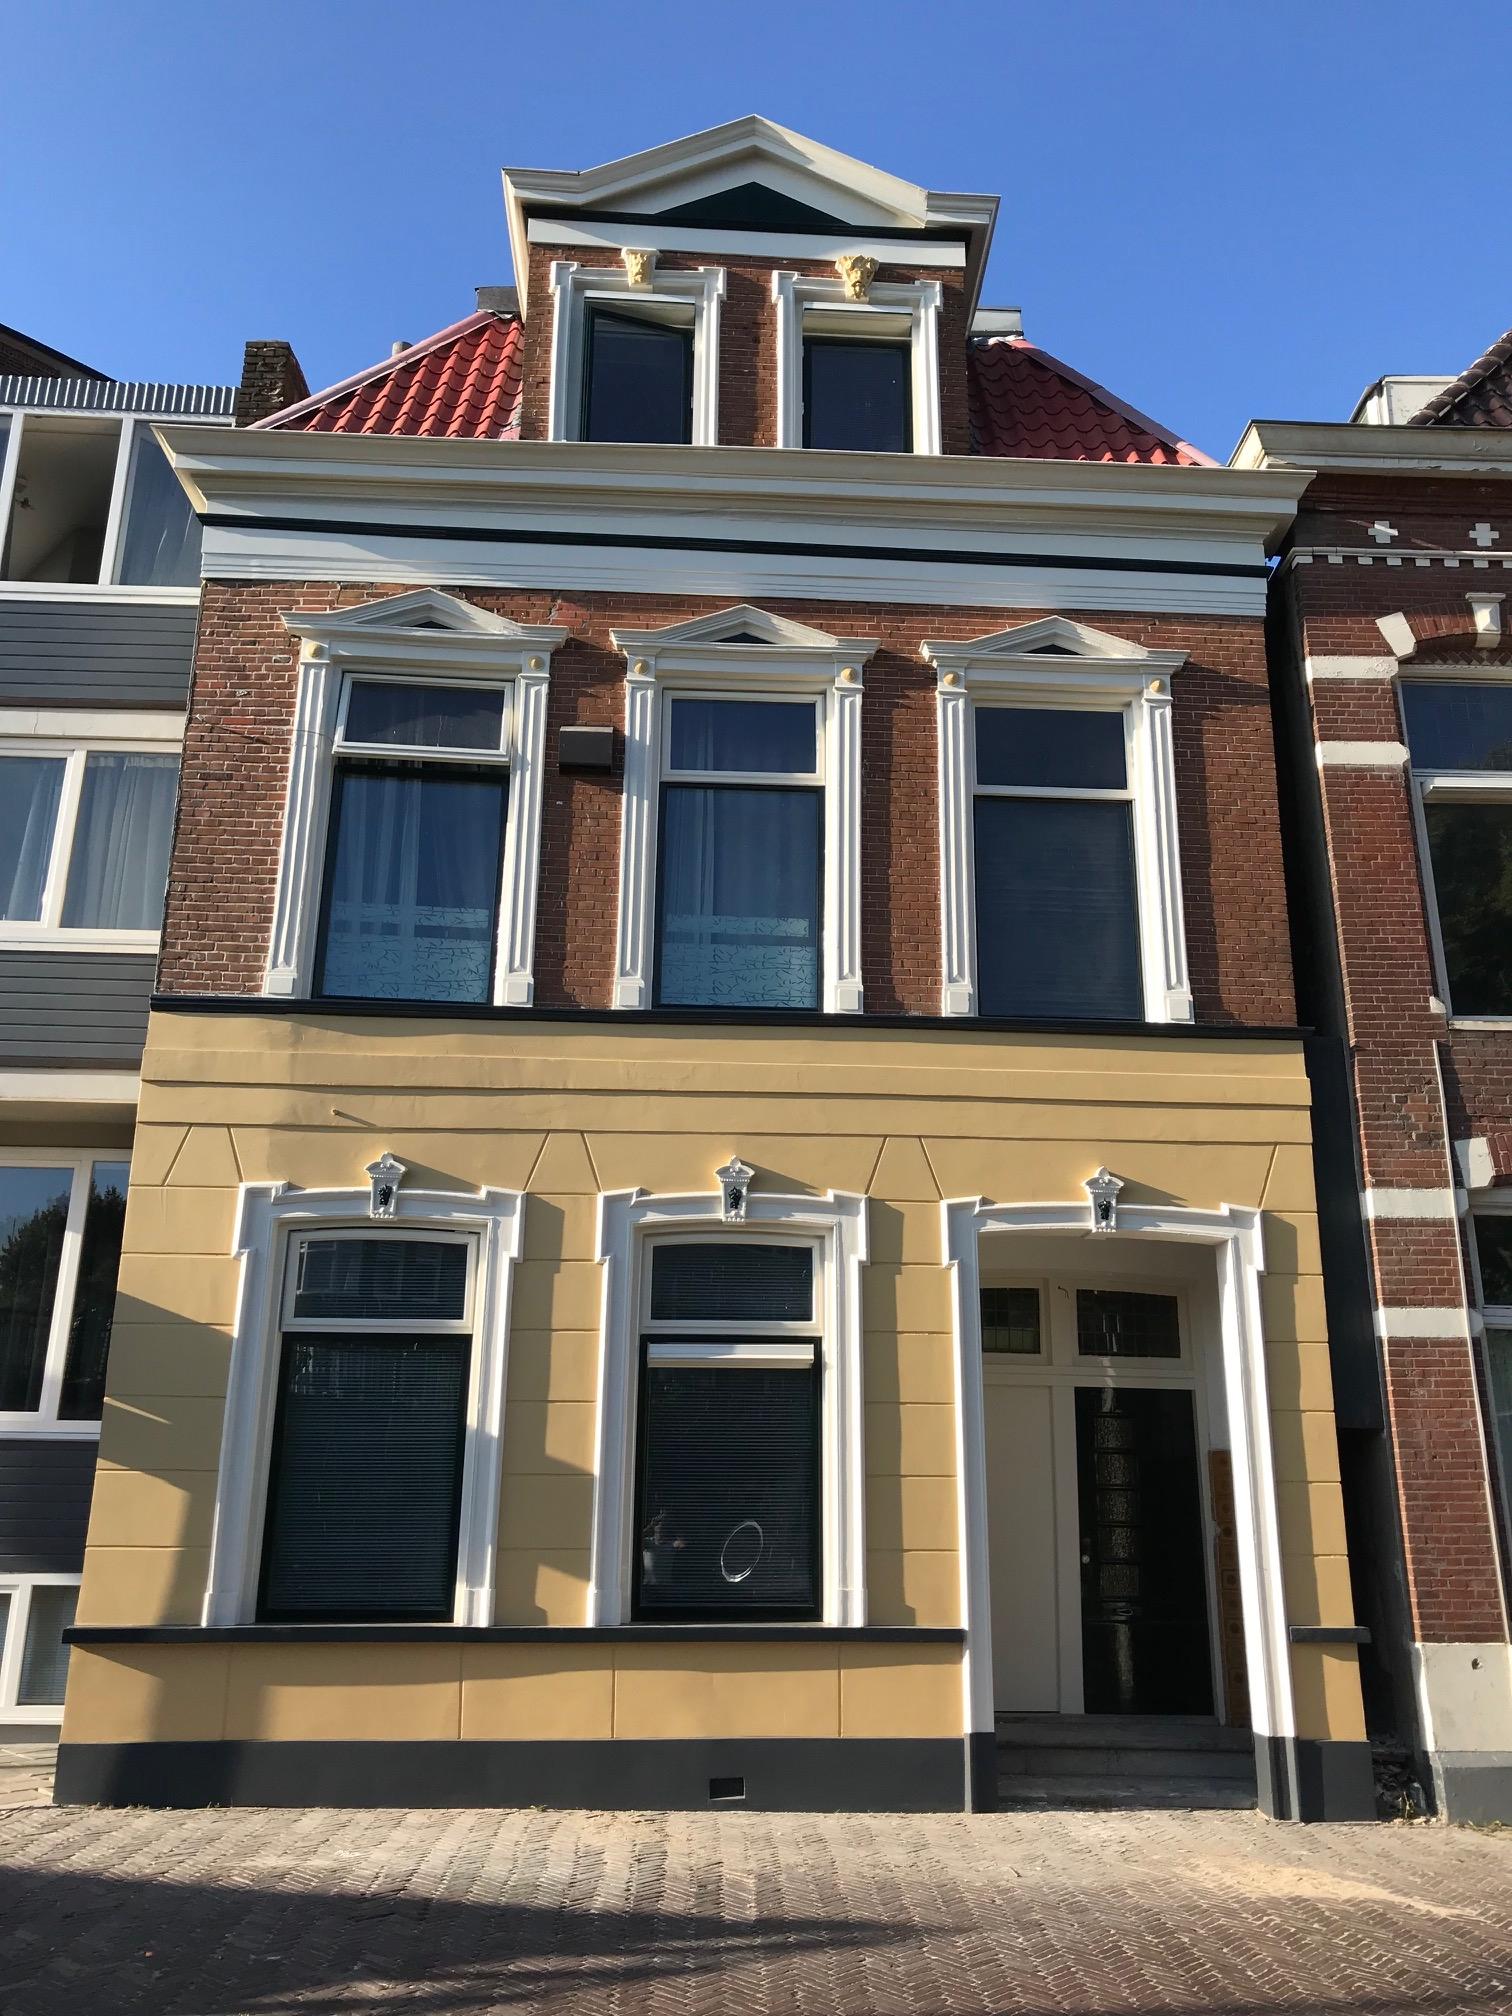 Lodewijkstraat 2-1, 9724BC Groningen